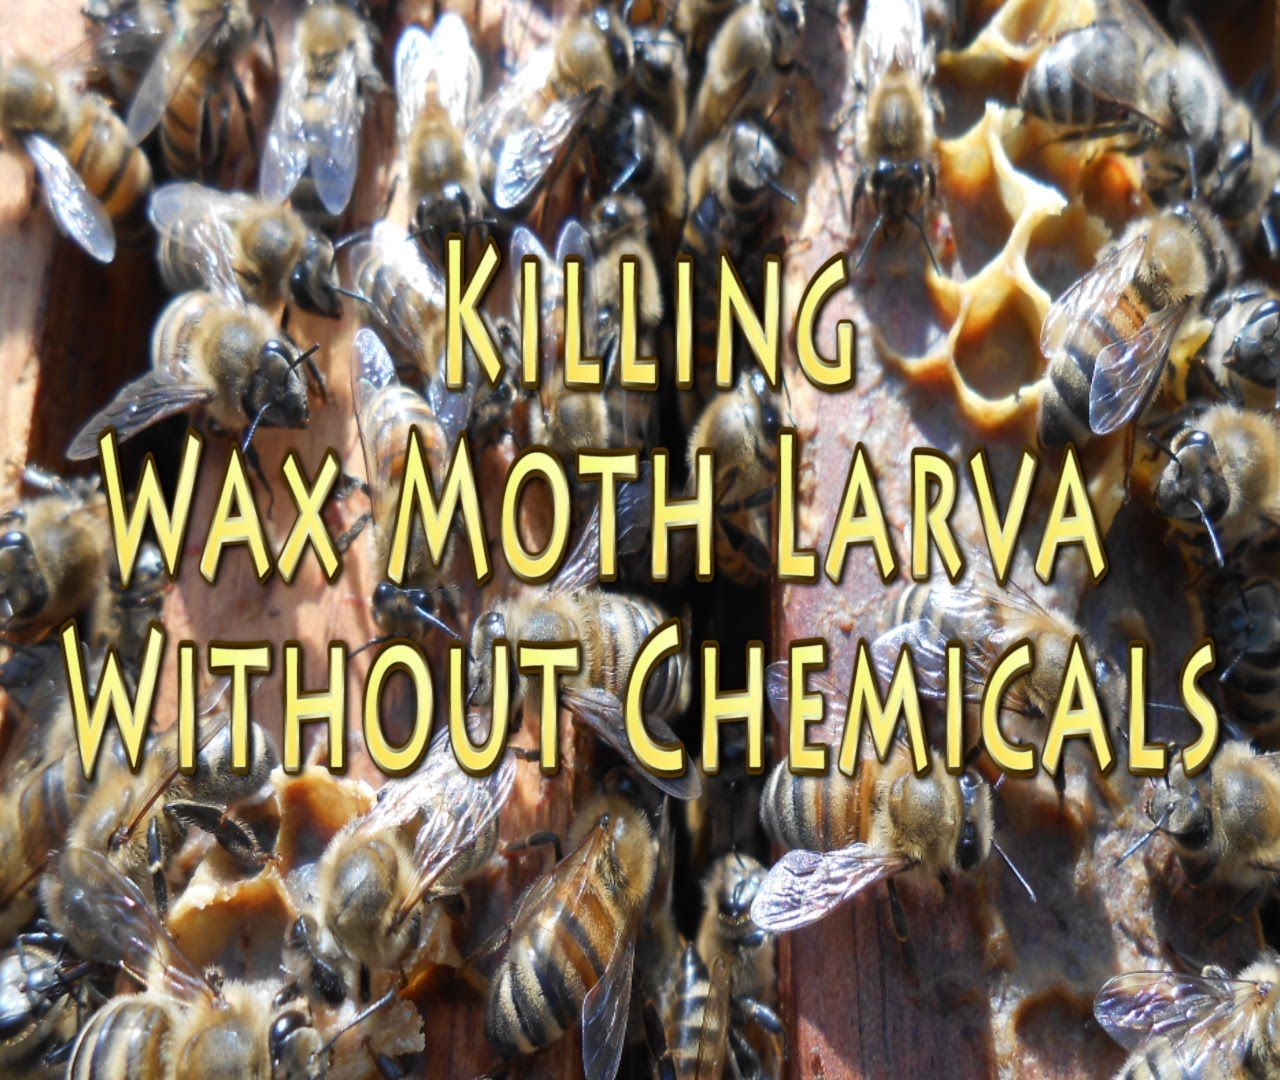 4d623df340ab962a0fef16d63983b7f7 - How To Get Rid Of Small Hive Beetle Larvae